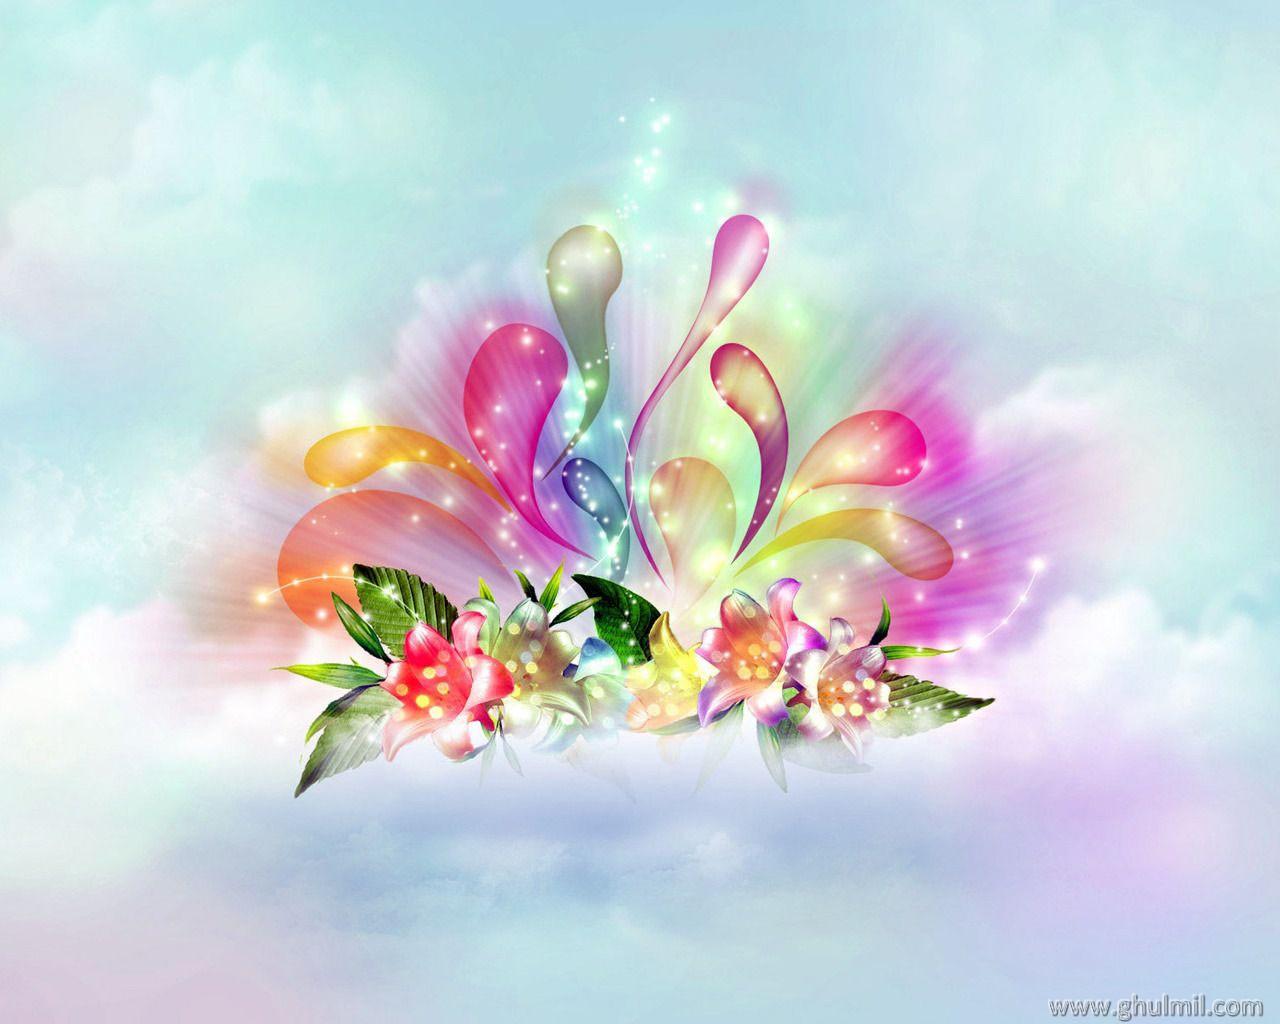 http://2.bp.blogspot.com/-2QQKFXkSKSQ/Tj-Elm3boBI/AAAAAAAAA6g/KQjnB6SAV9c/s1600/superb-beautiful-colorful-3d-hd-flowers-wallpaper-for-desktop-background.jpg